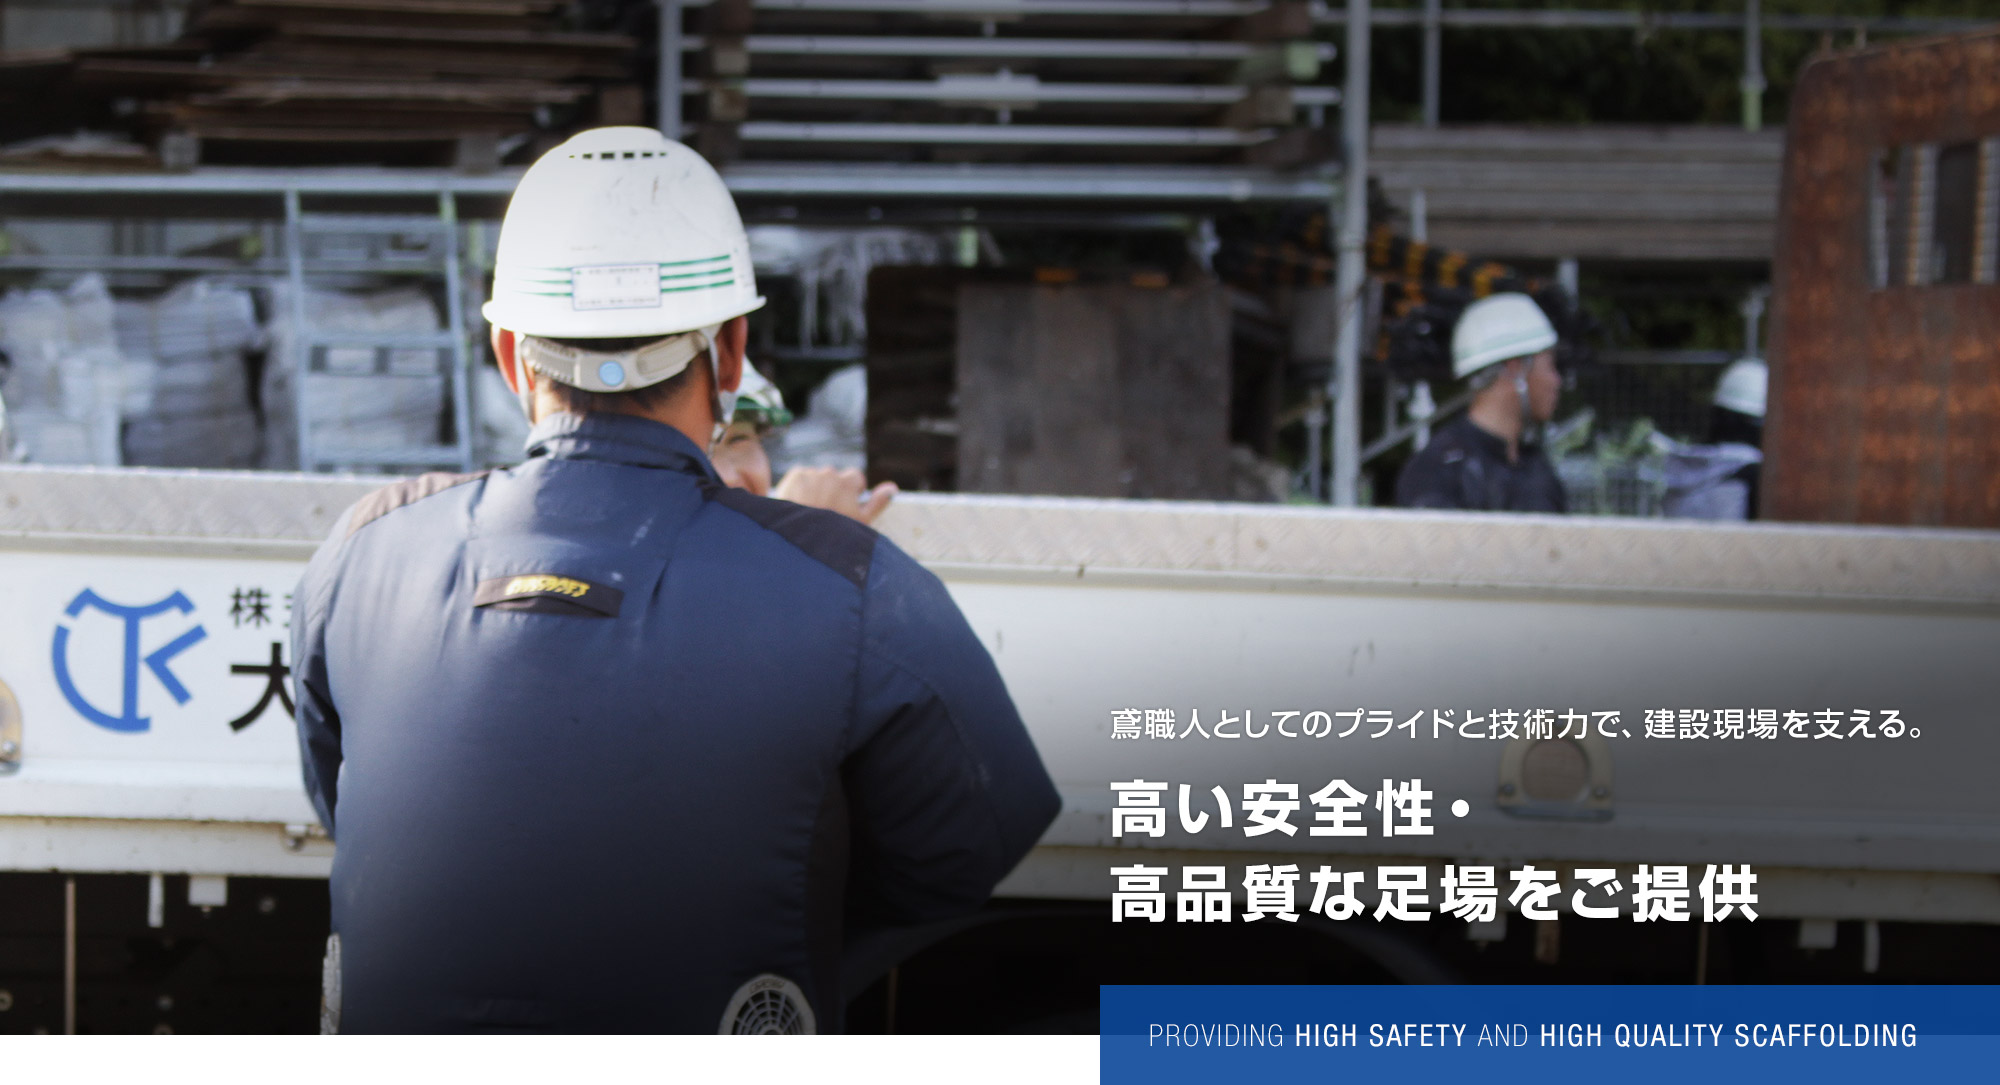 鳶職人としてのプライドと技術力で、建設現場を支える。高い安全性・高品質な足場をご提供